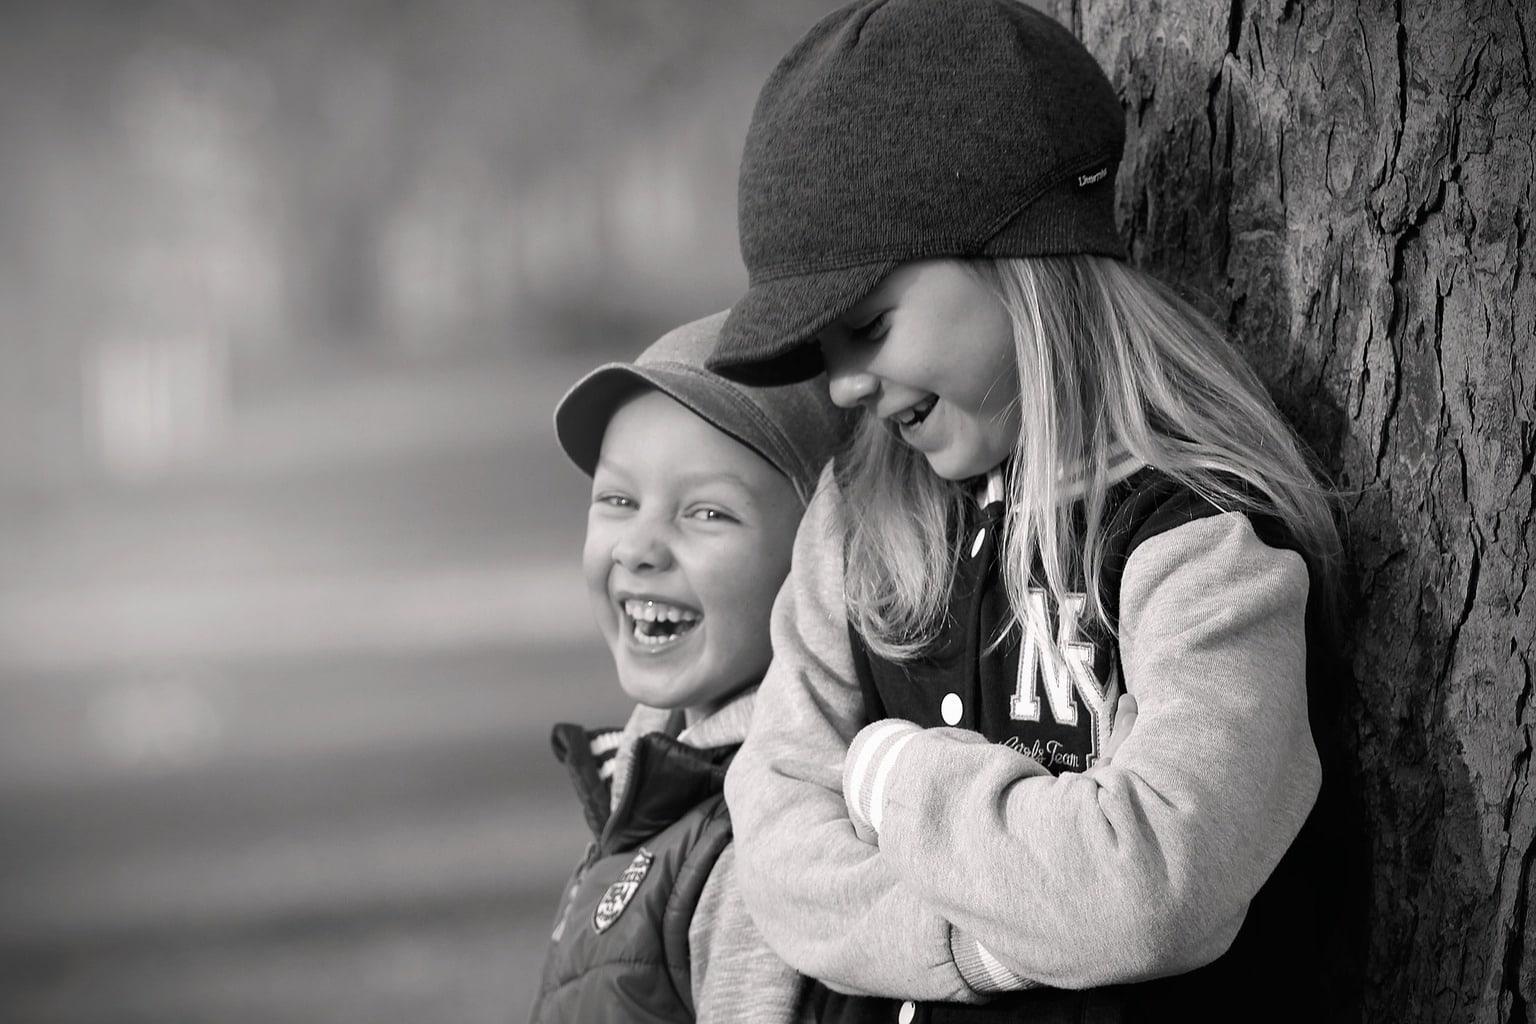 Fotografía de dos hermanos riéndose en un parque